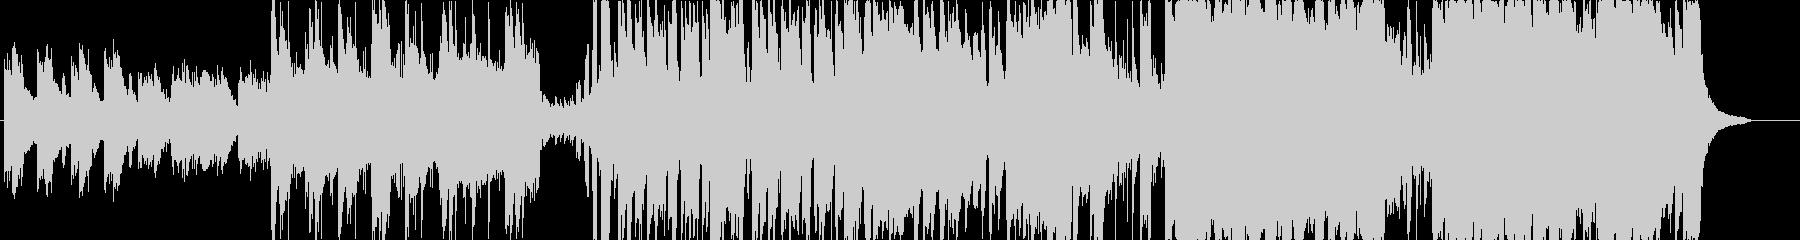 しっとりピアノのエレクトロニカ曲です。の未再生の波形